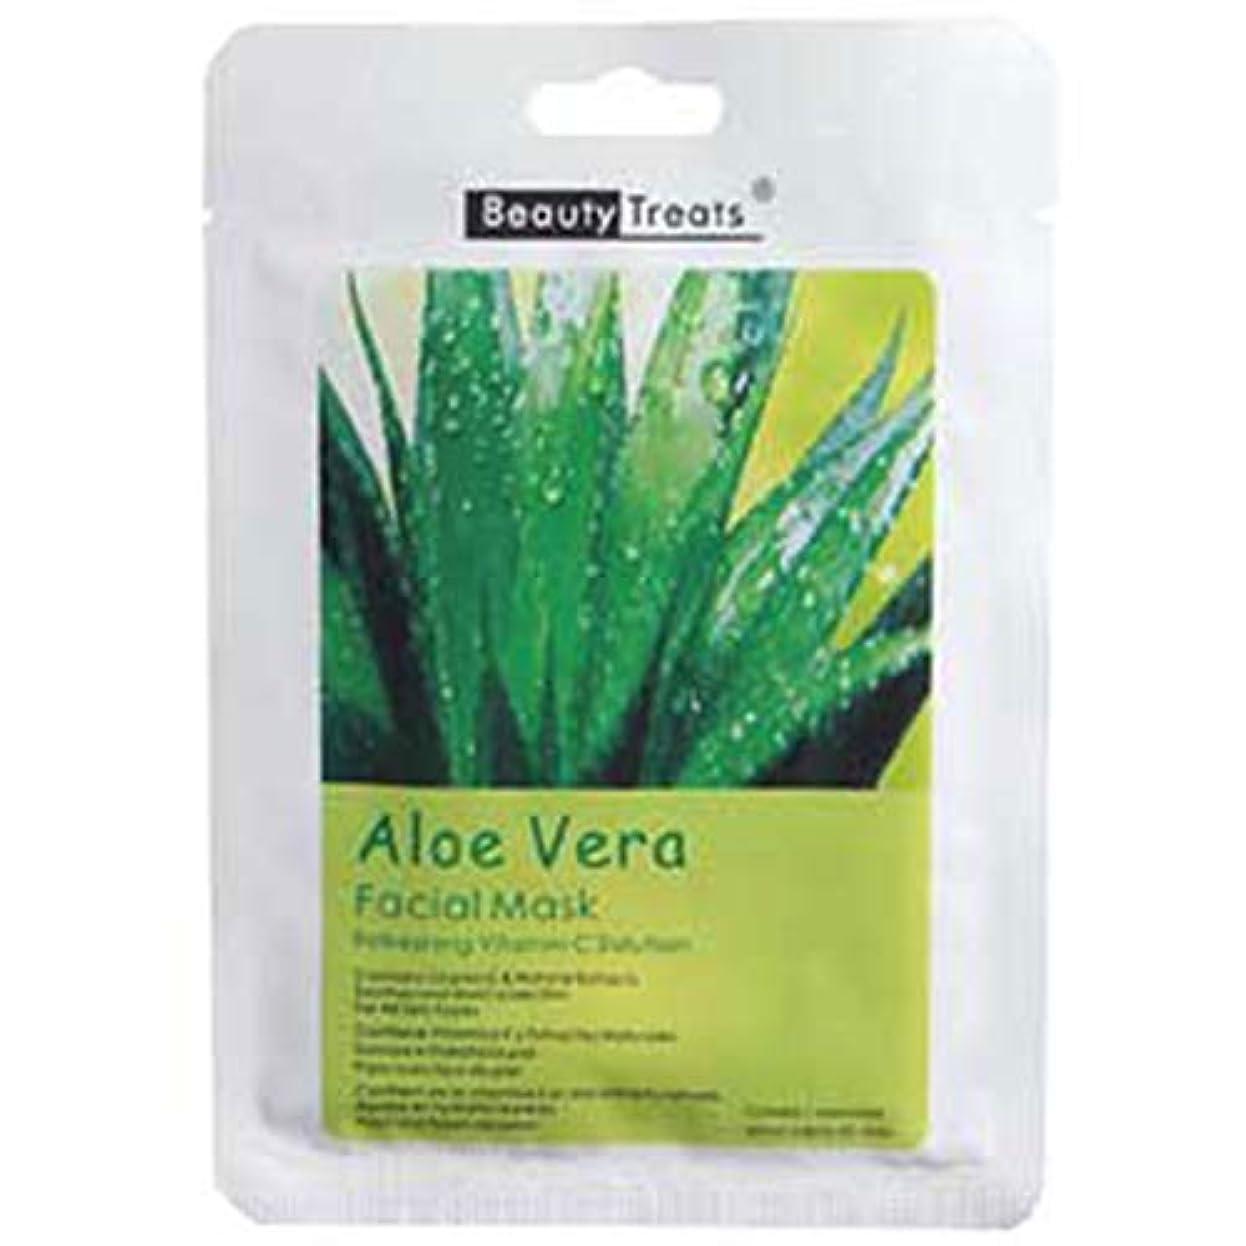 支配的バイナリ切断するBEAUTY TREATS Facial Mask Refreshing Vitamin C Solution - Aloe Vera (並行輸入品)